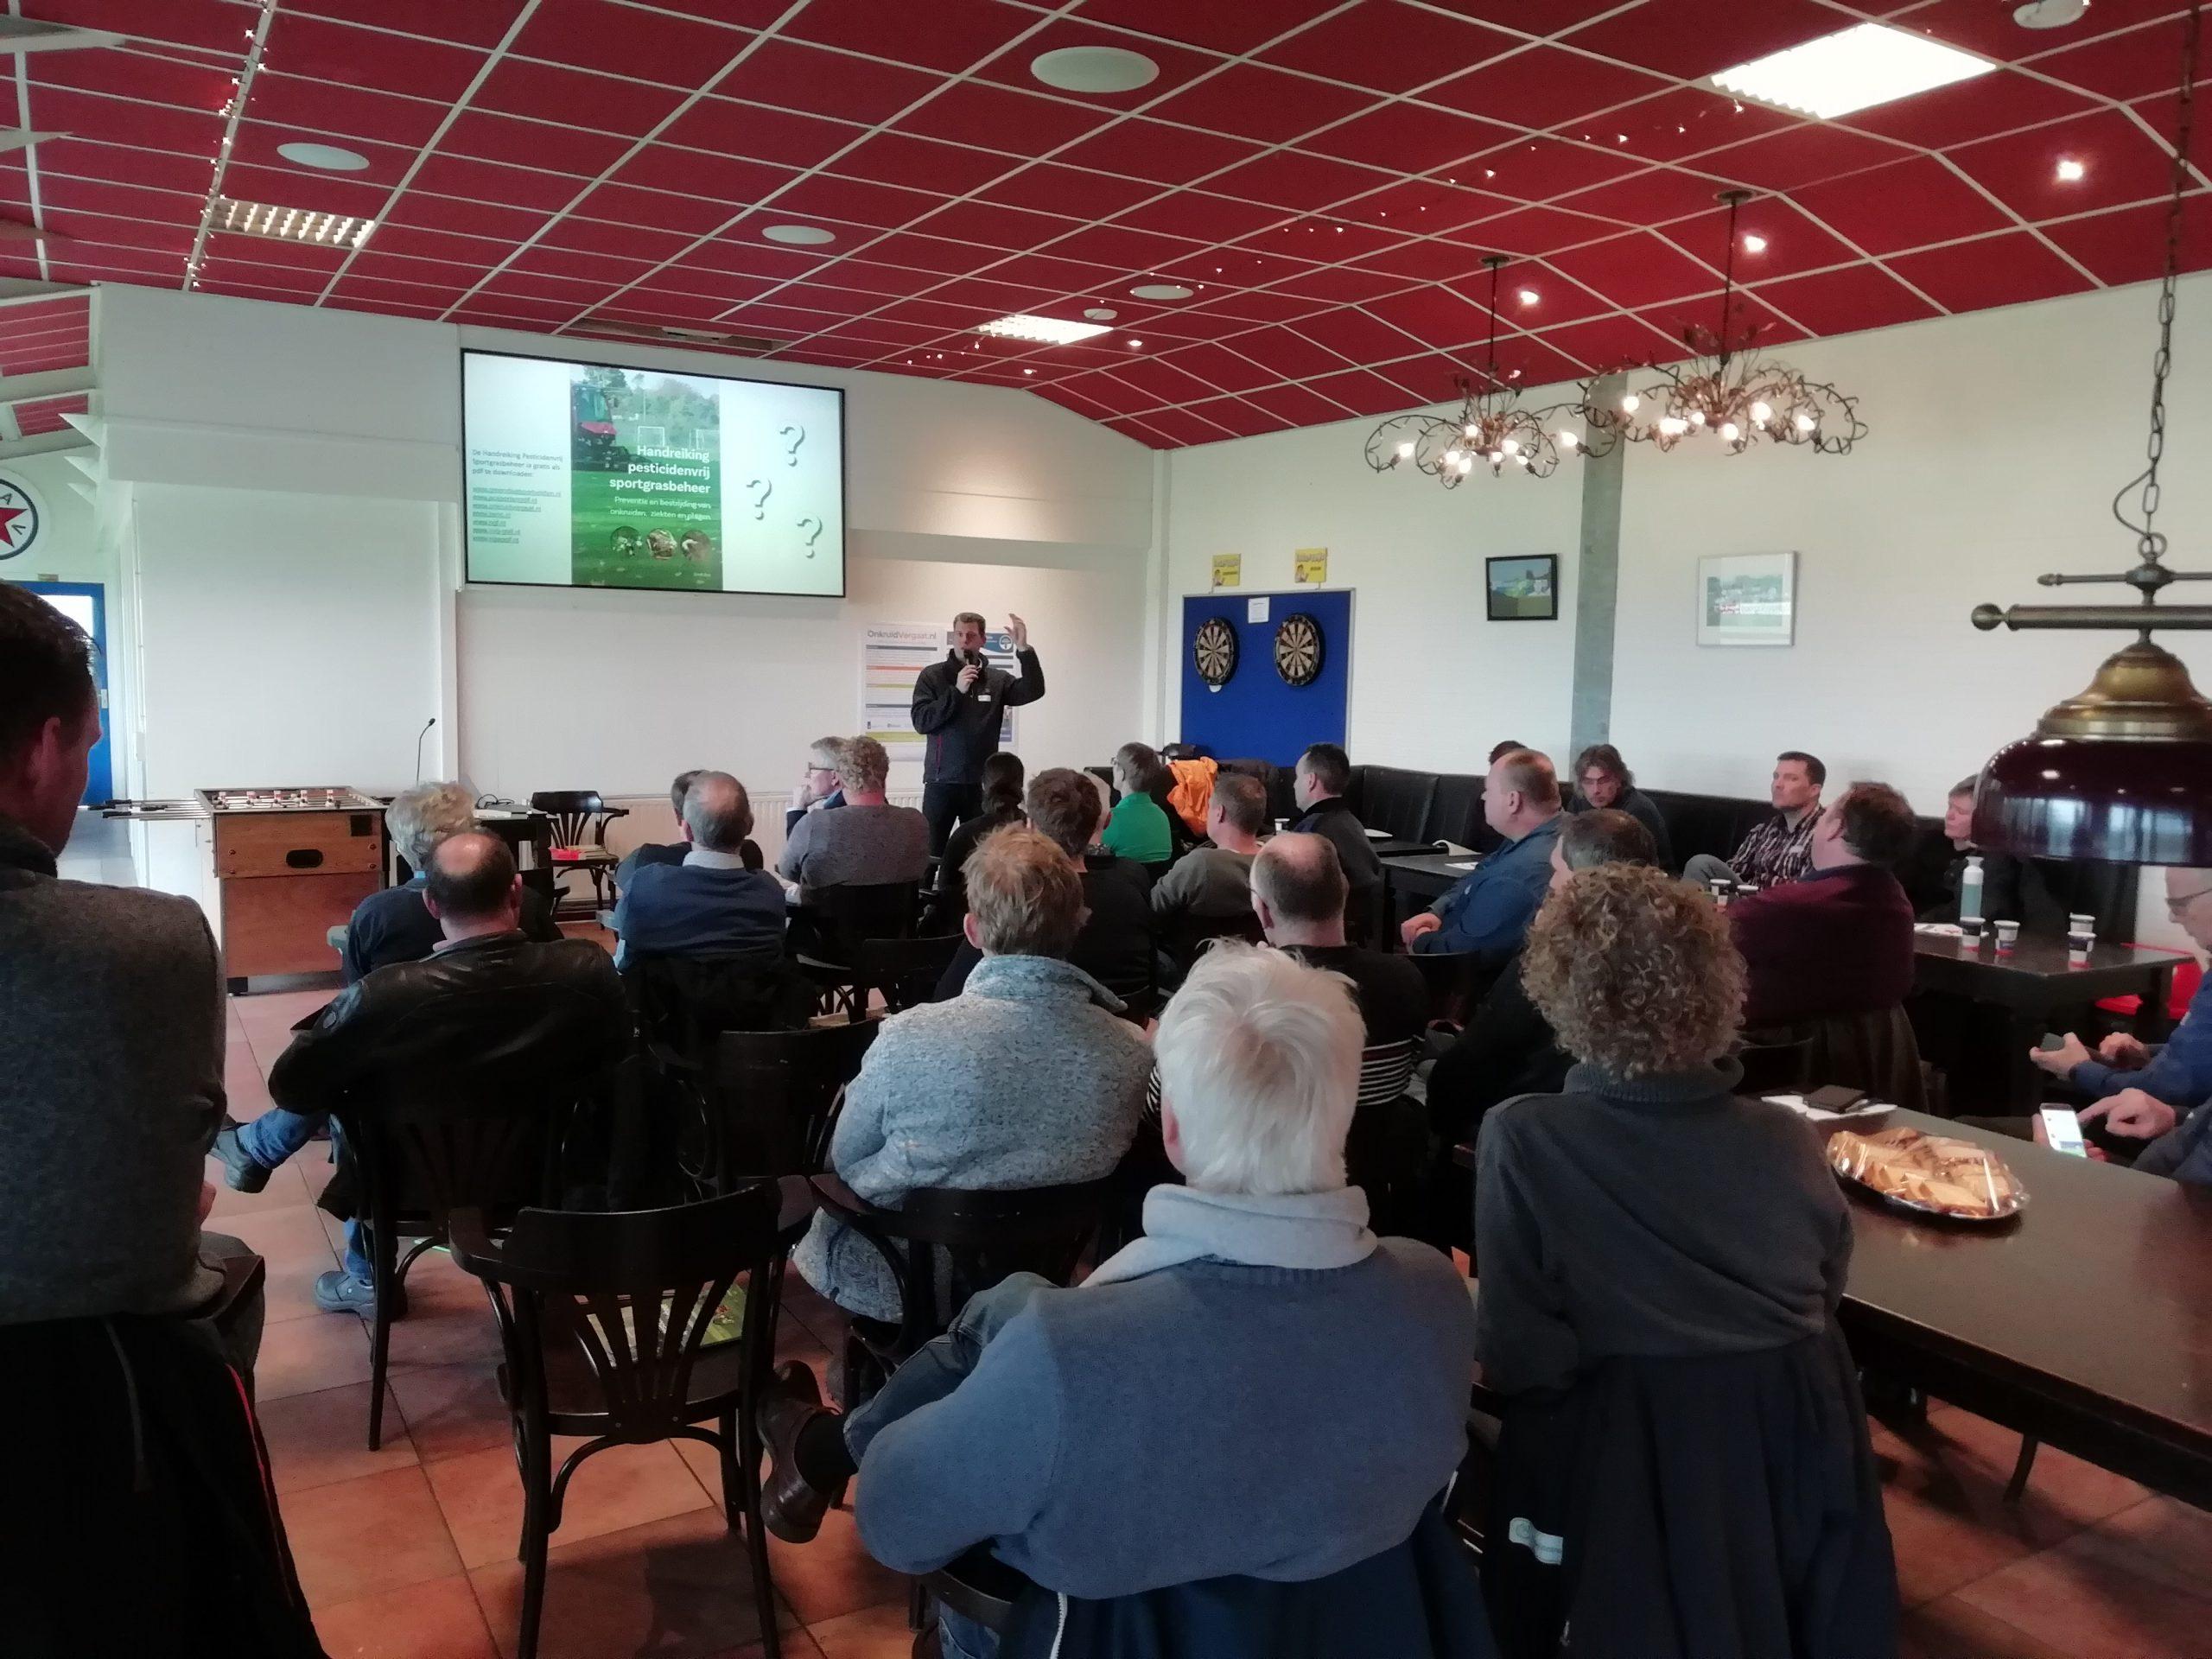 Presentatie van Maurice Evers tijdens de bijeenkomst bij GVAV, Groningen